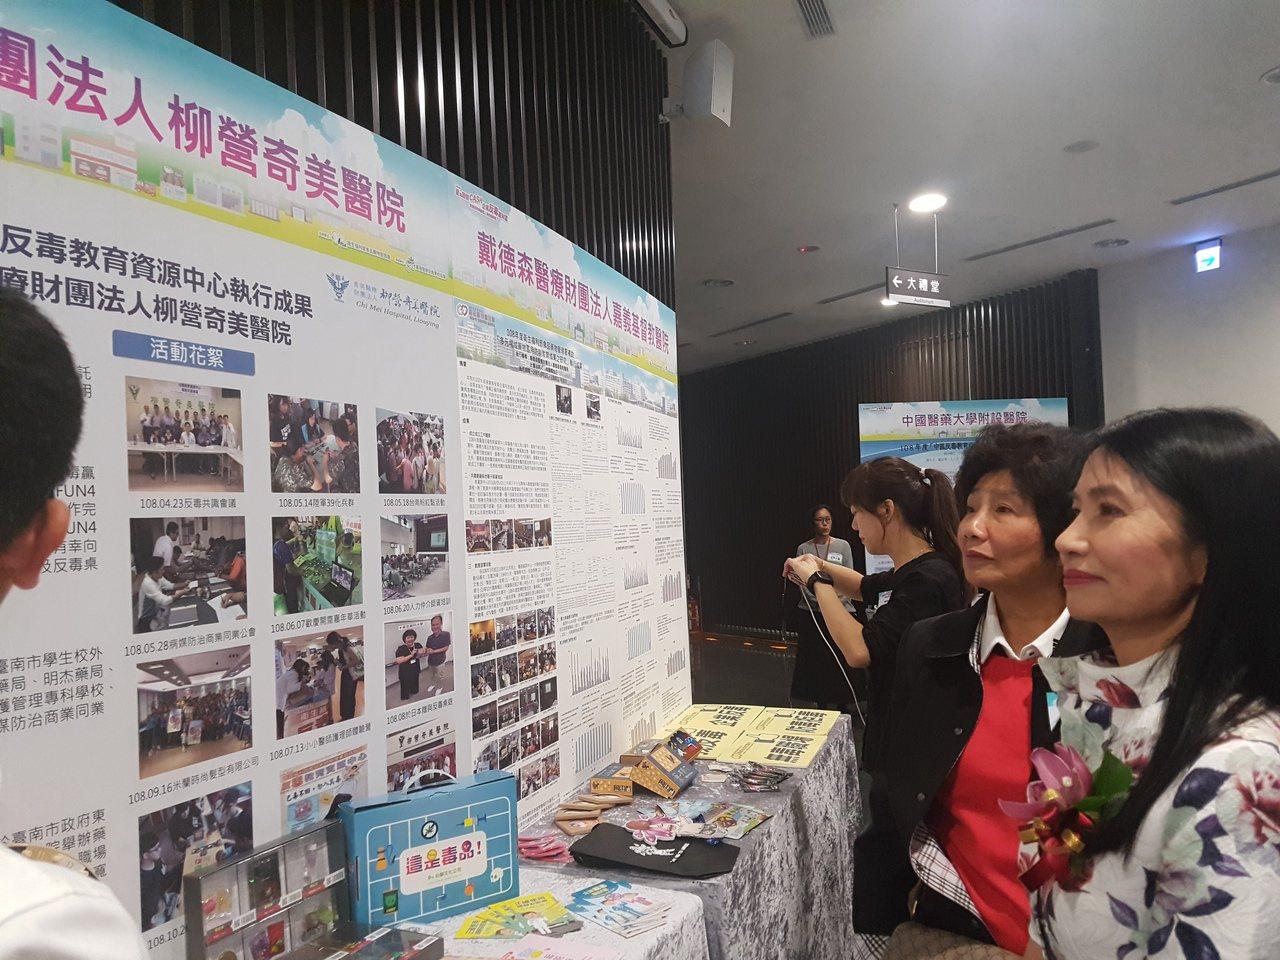 食藥署署署長吳秀梅(右一)聆聽反毒宣導成果。記者楊雅棠/攝影